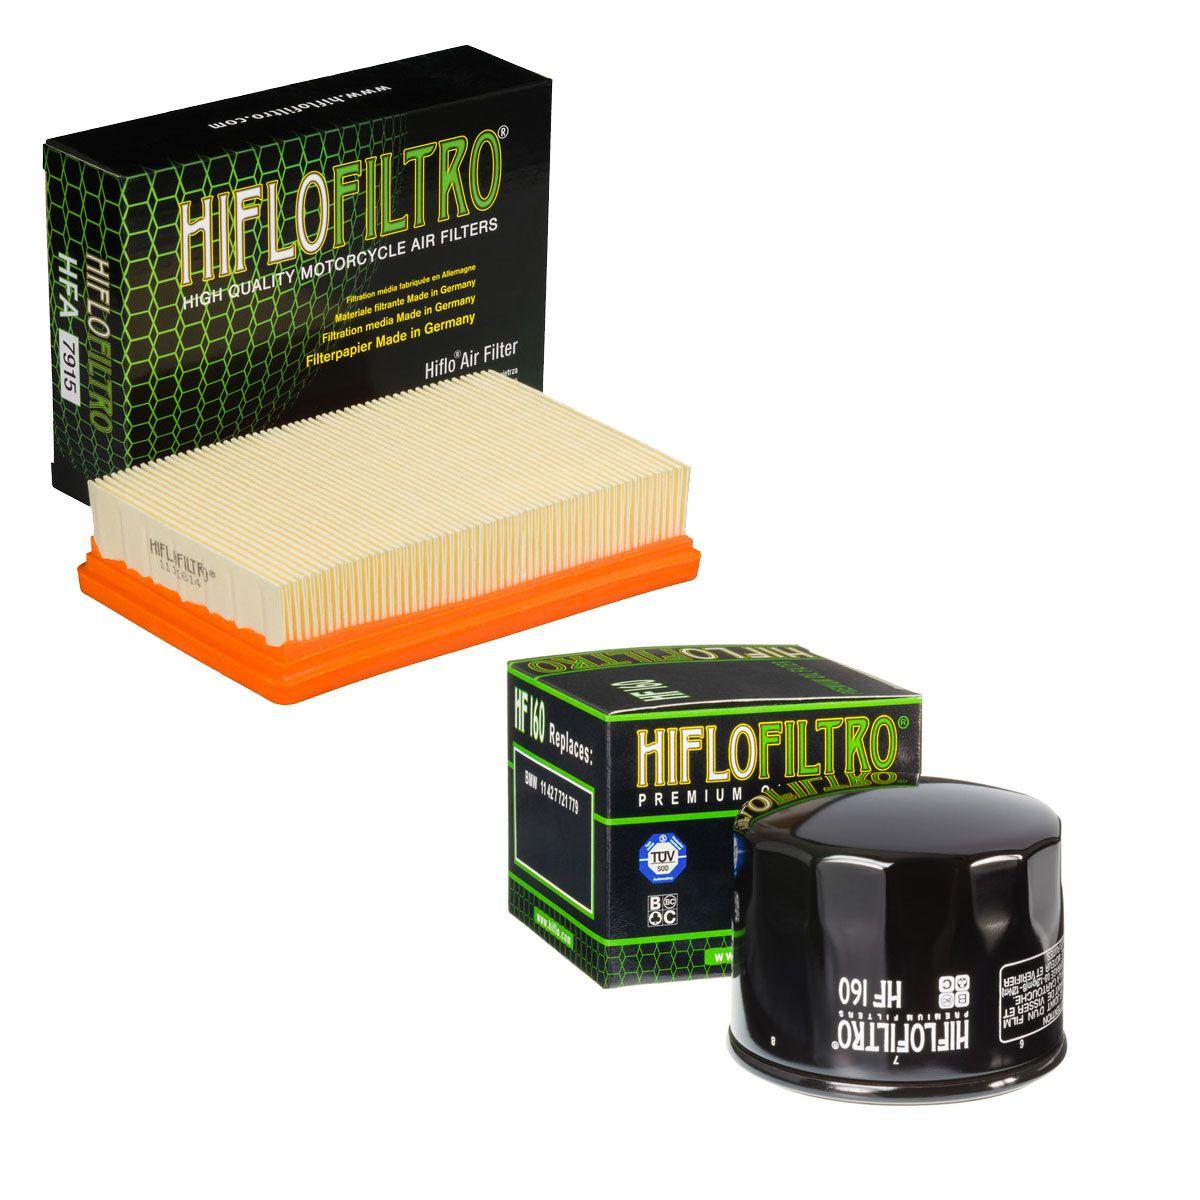 Filtro Ar Bmw R1200 GS/Adventure 2013 à 2019 + Filtro Óleo Hiflofiltro